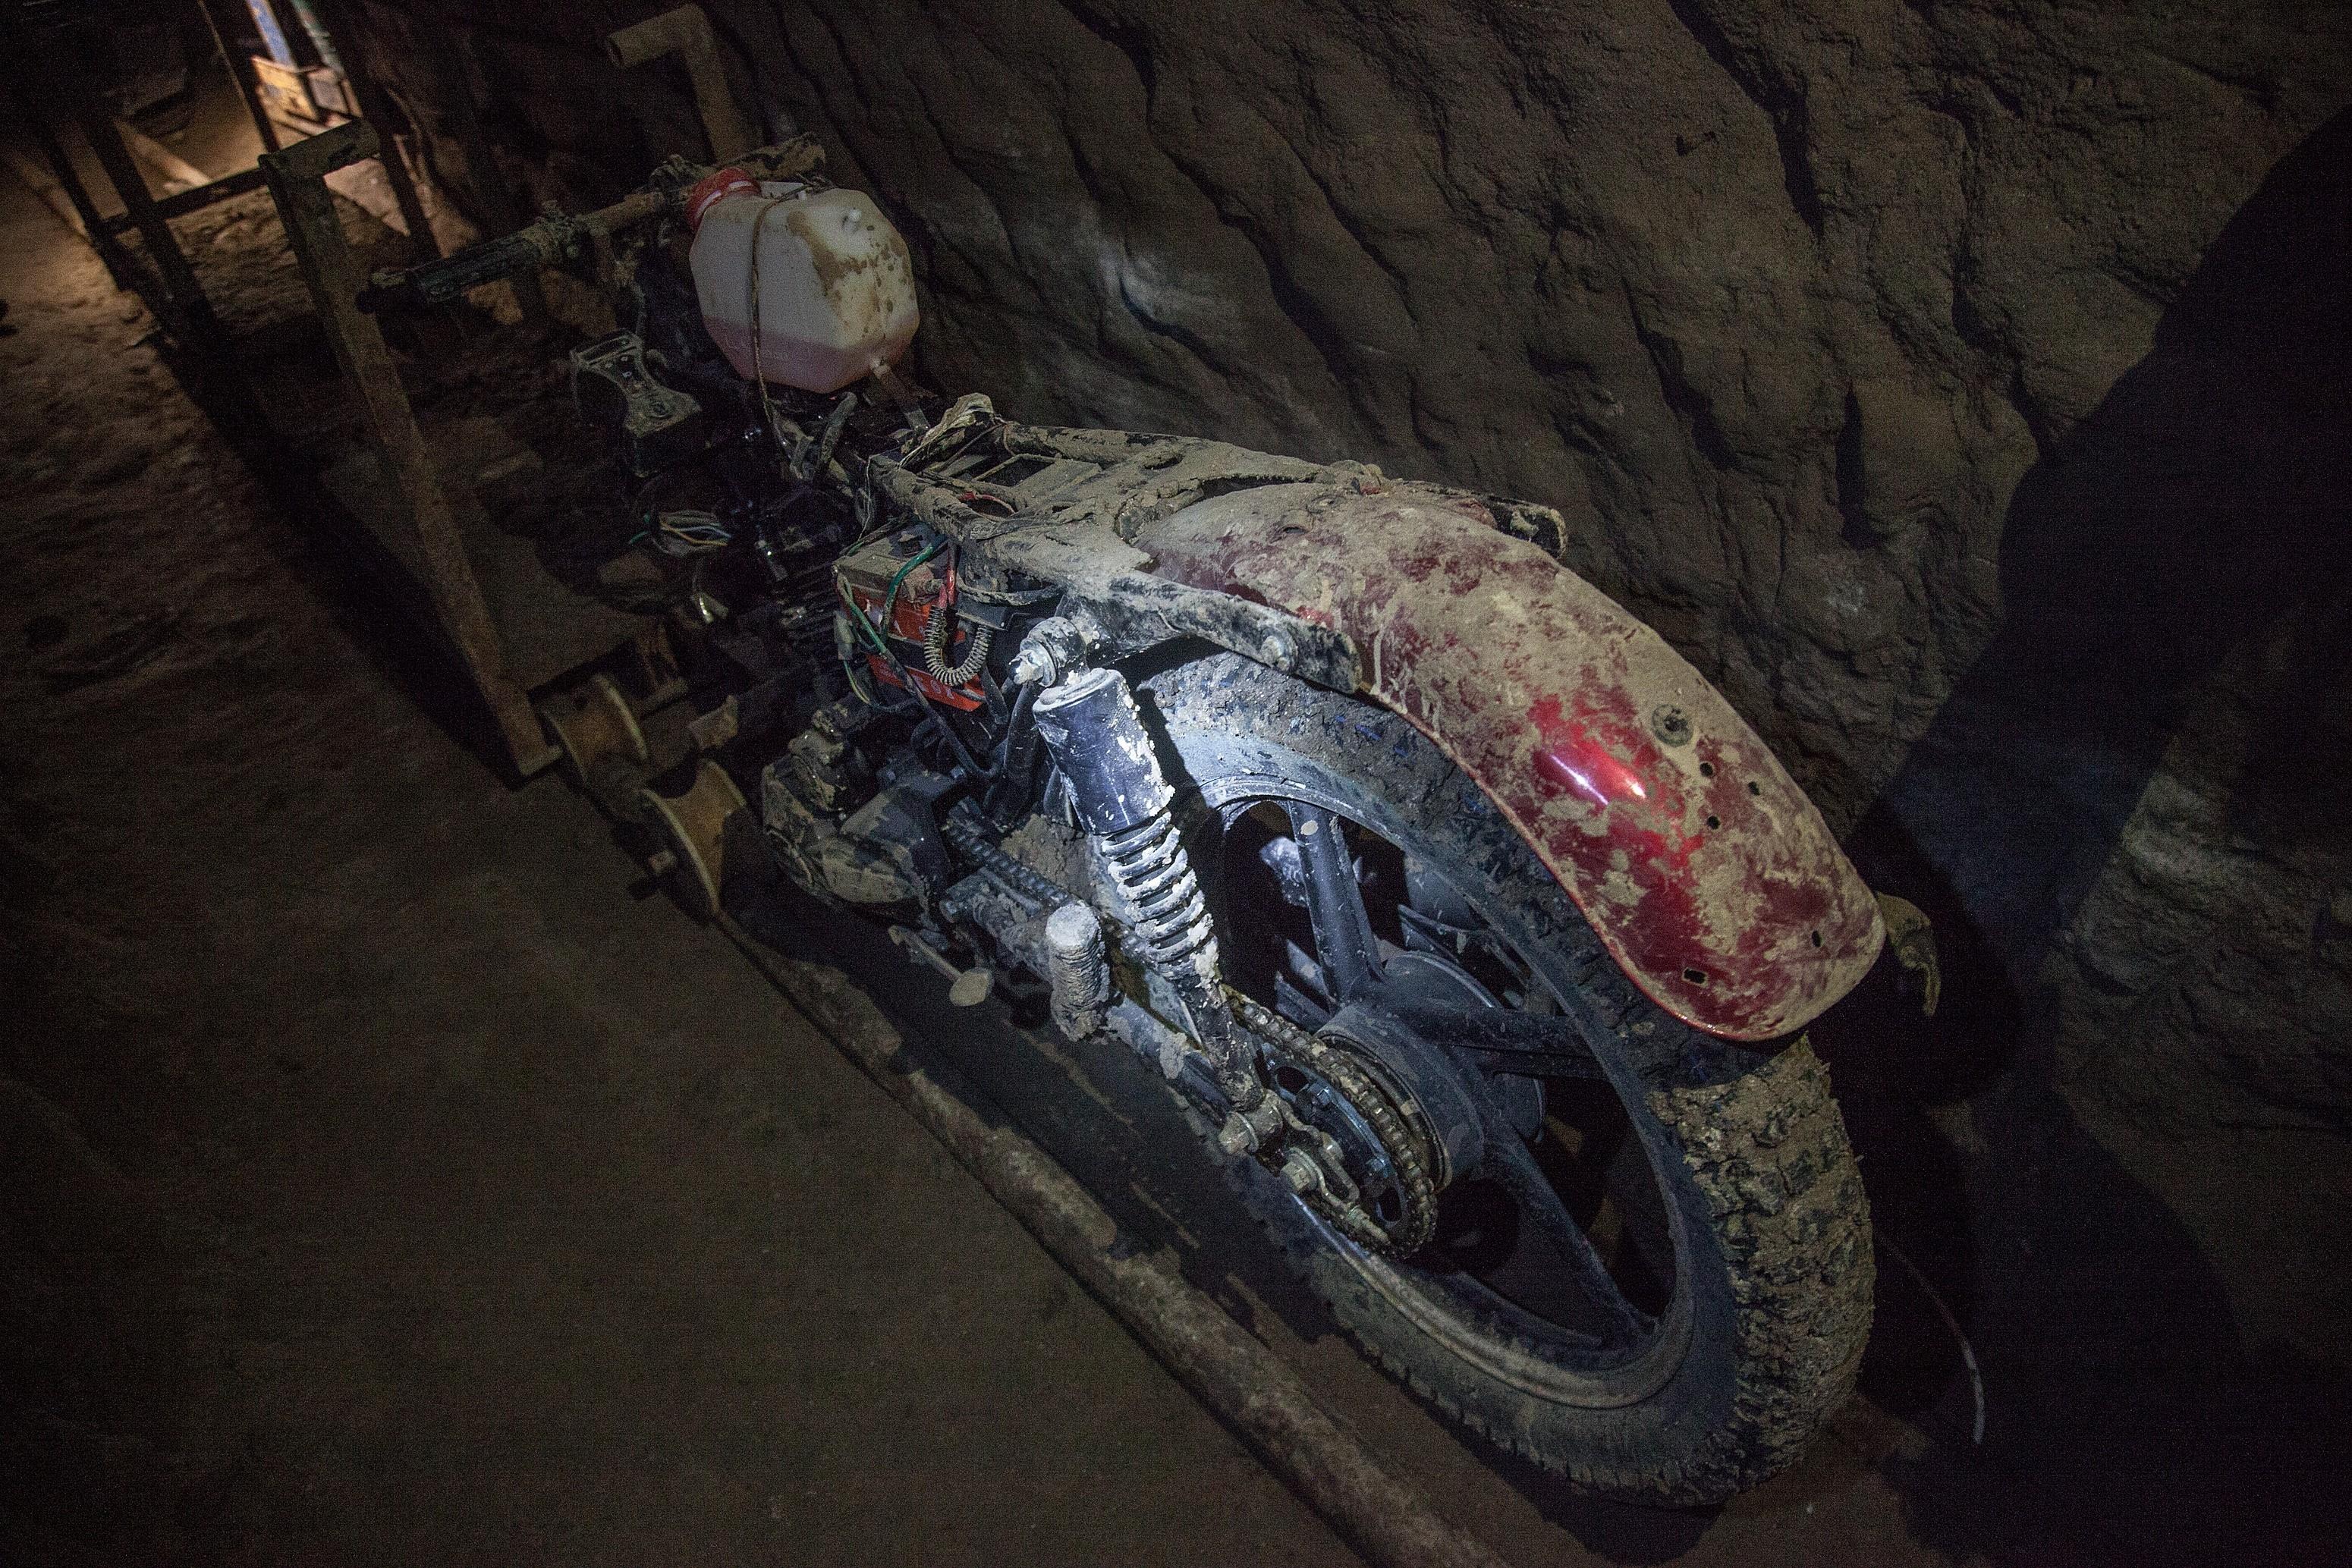 Joaquin 'El Chapo' Guzman Escape Tunnel